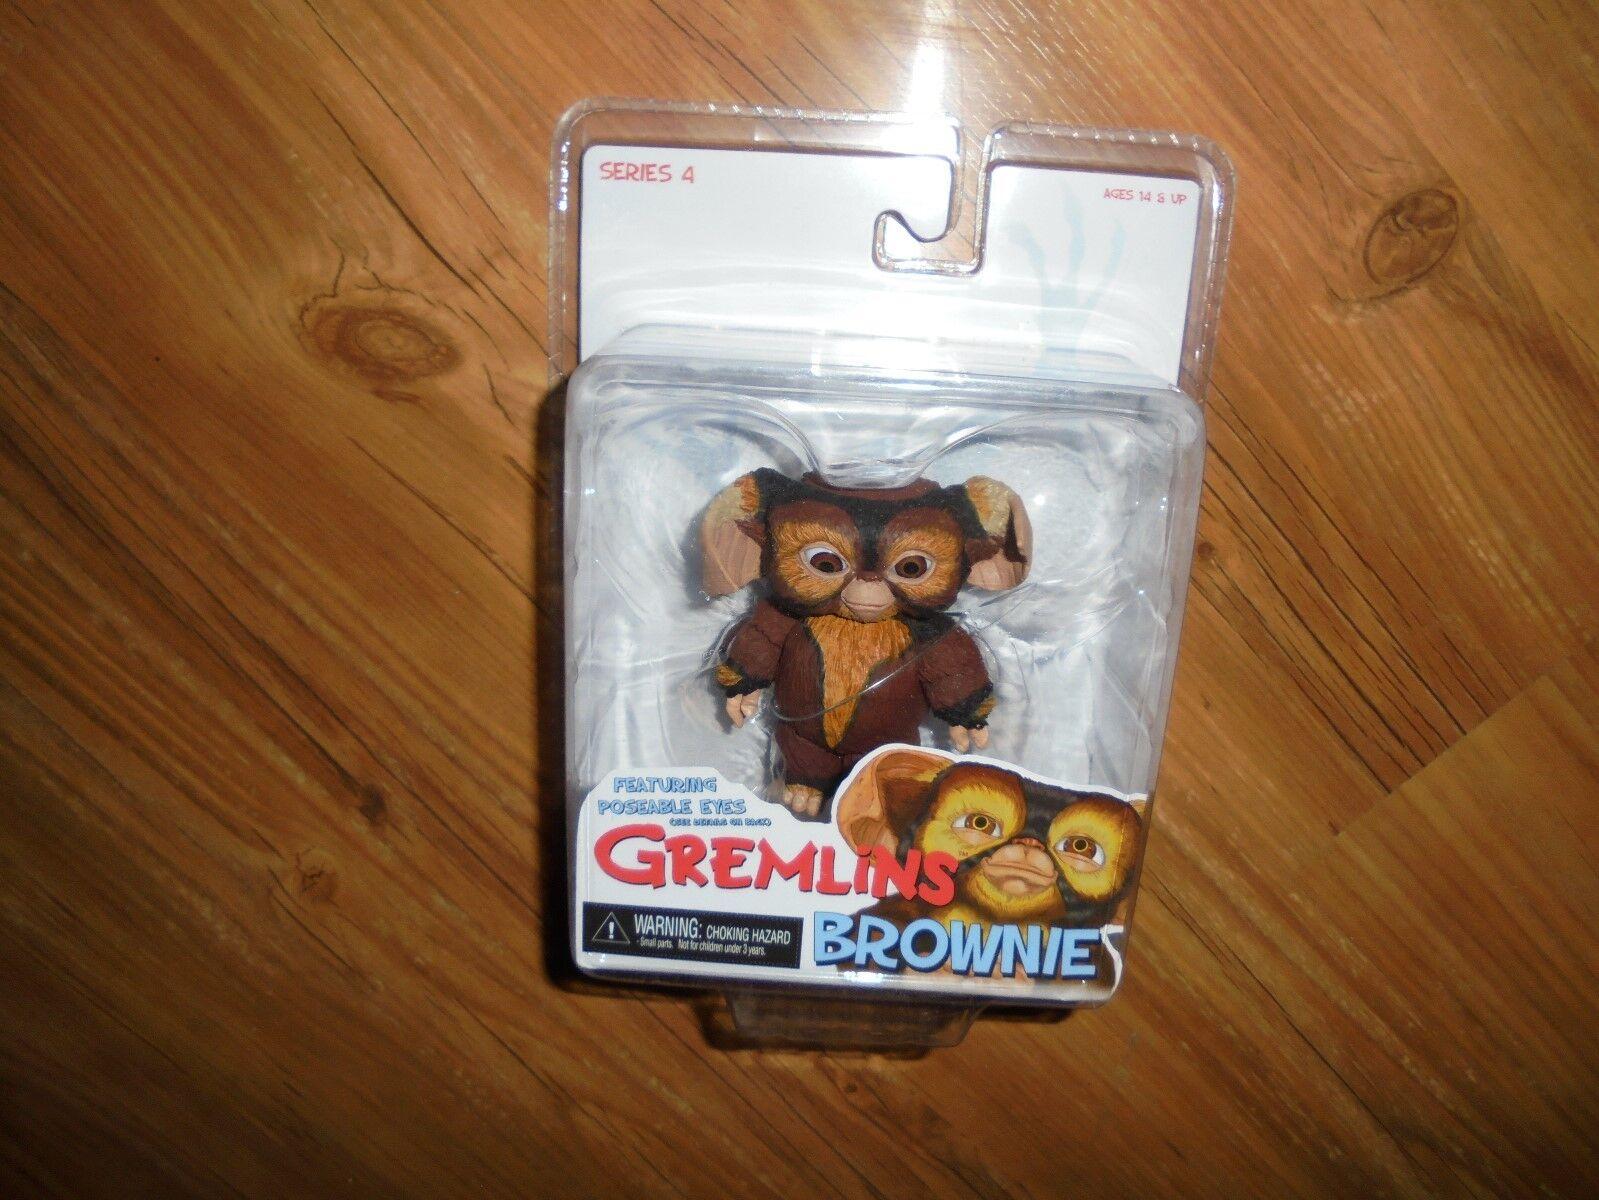 Gremlins serie 4 mogwai  braunie  3,5  - action - figur neca 2013